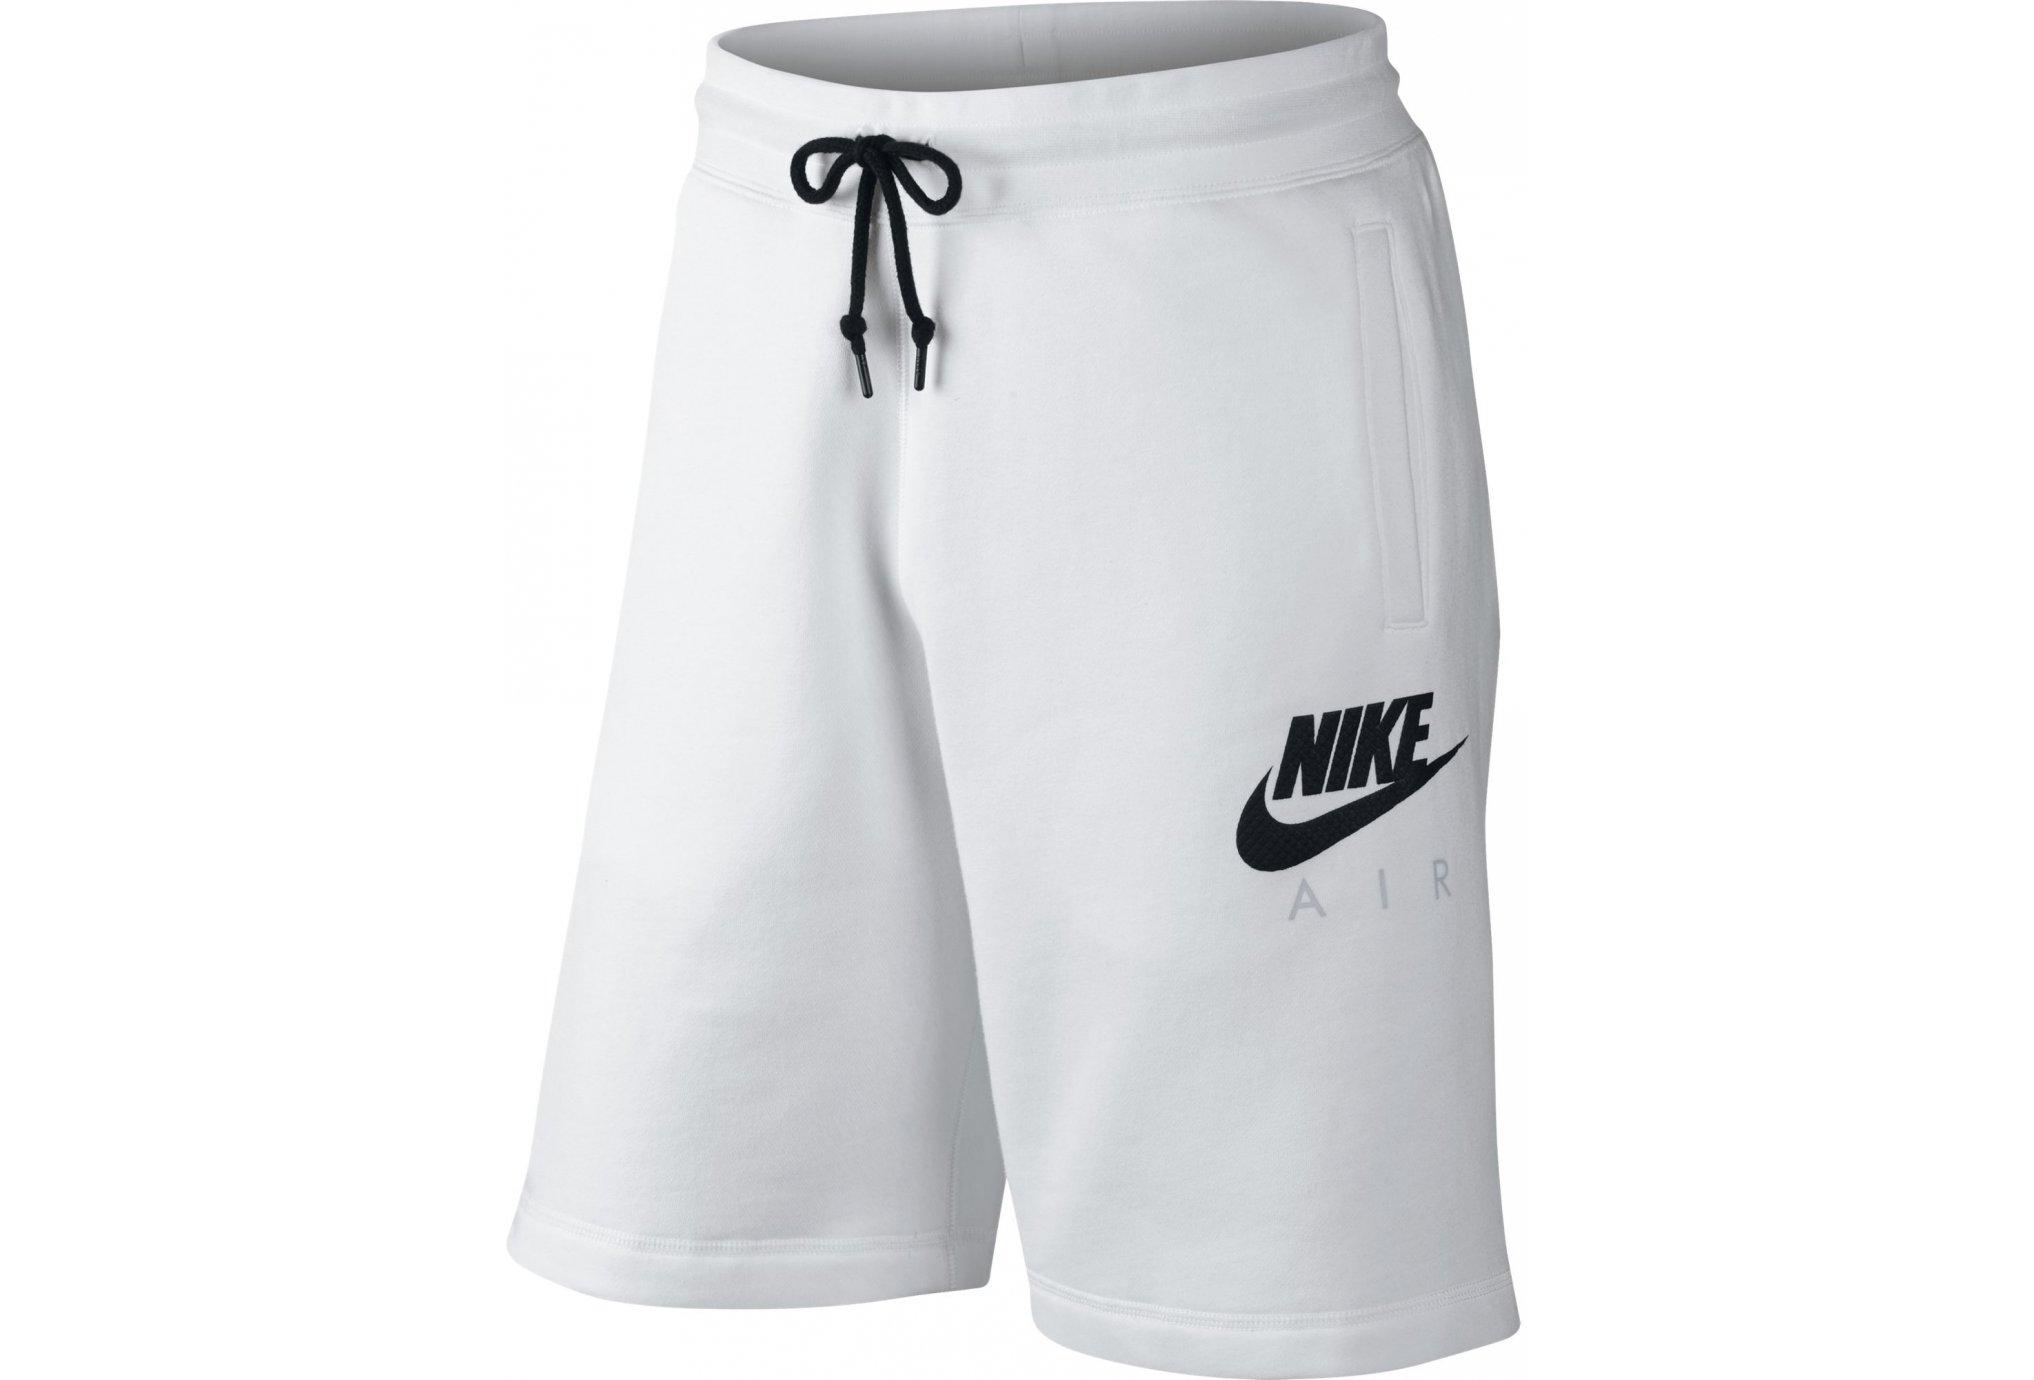 Short Nike Cher M Fleece Vêtements Homme Air Pas Aw77 Heritage R6qAg